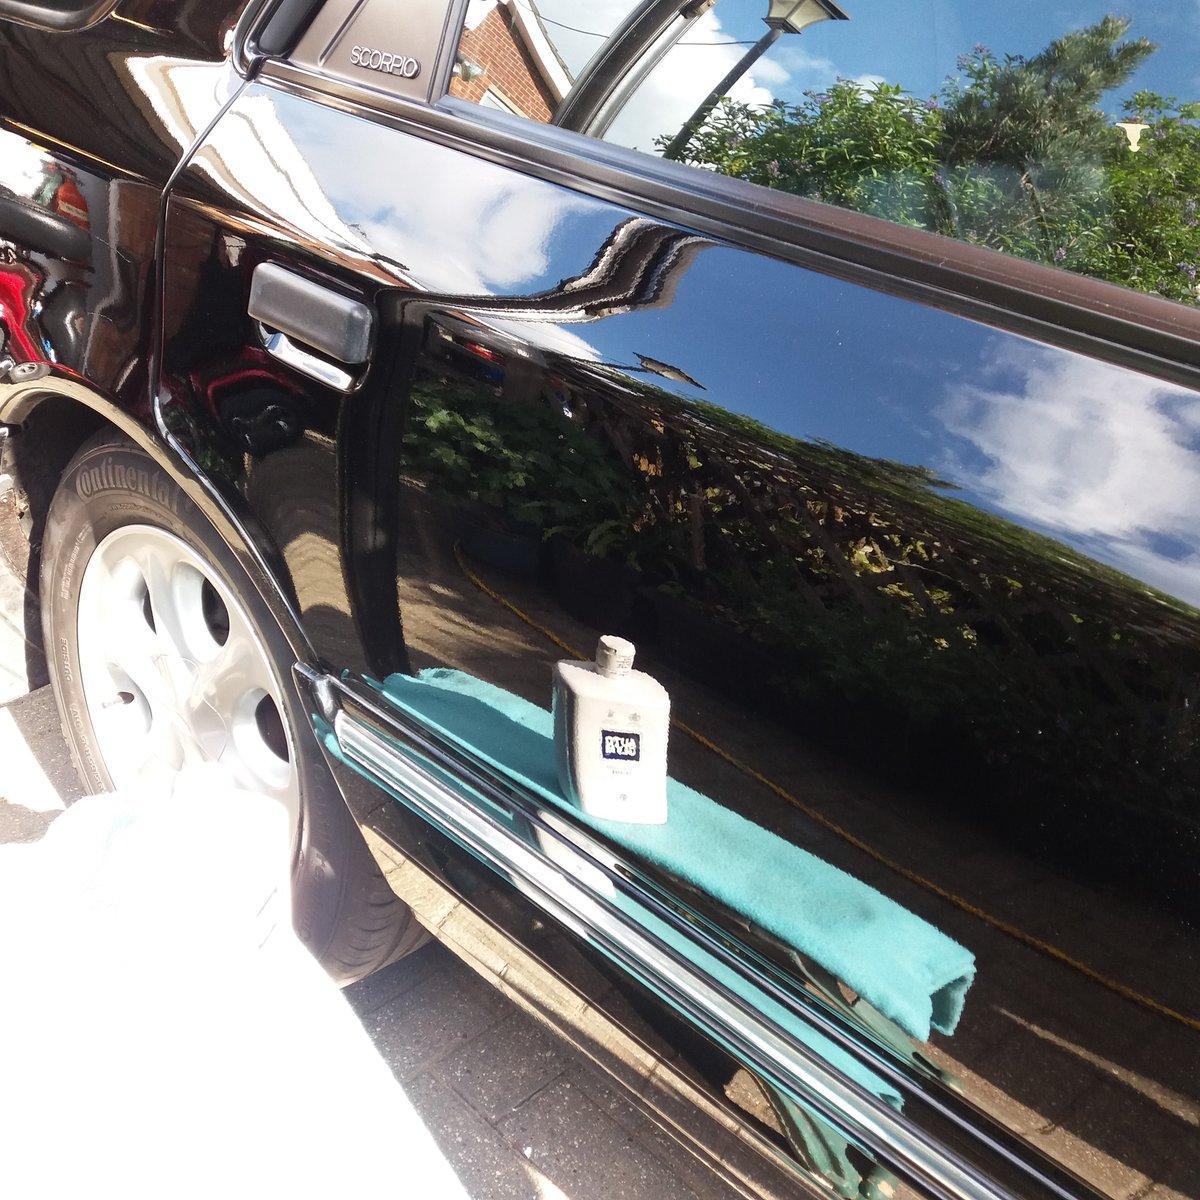 1992 Ford granada scorpio(auto}estate For Sale (picture 5 of 6)